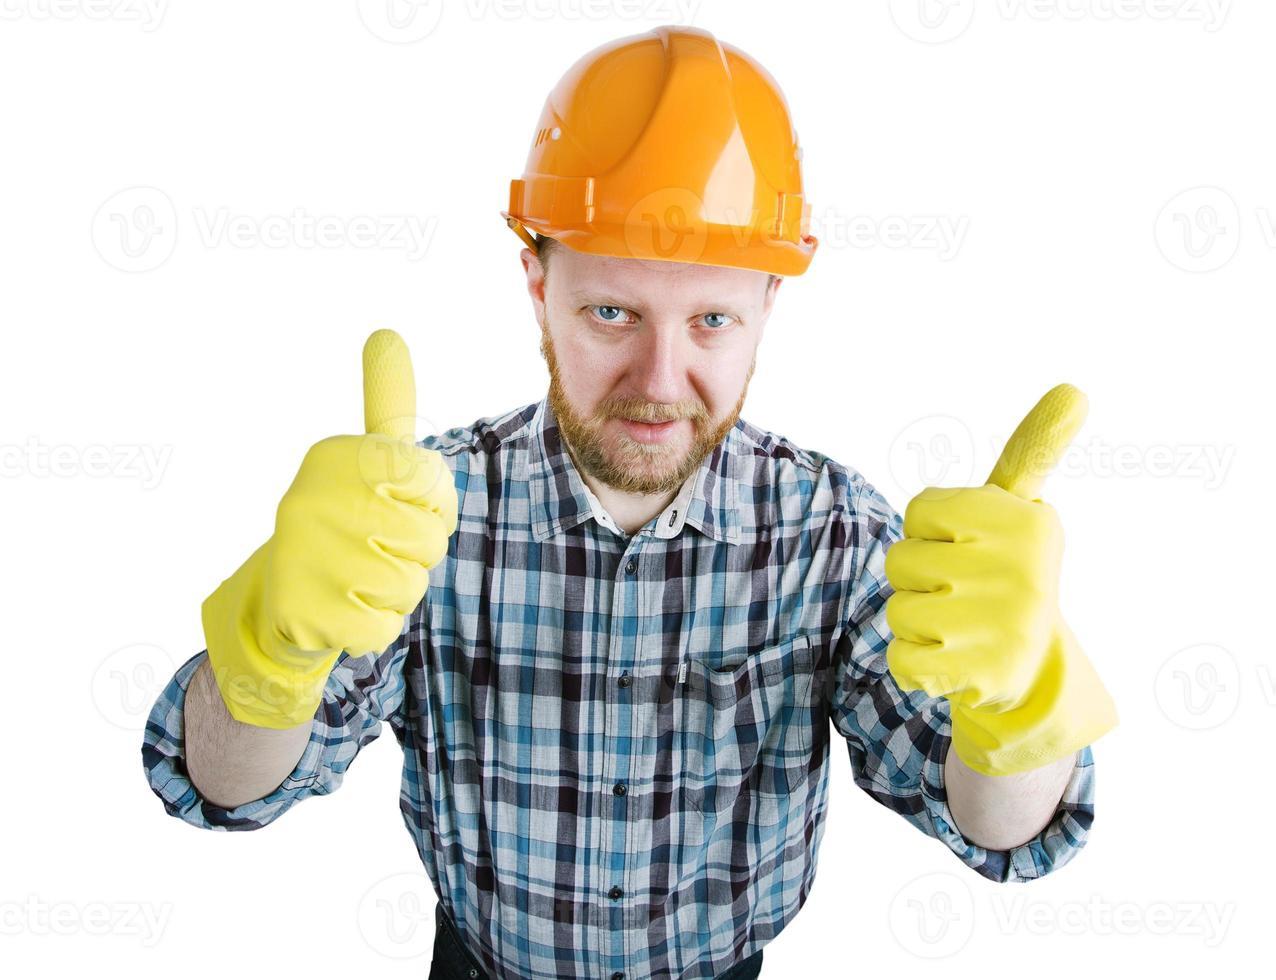 Mann mit orangem Bauhelm und Handschuhen foto